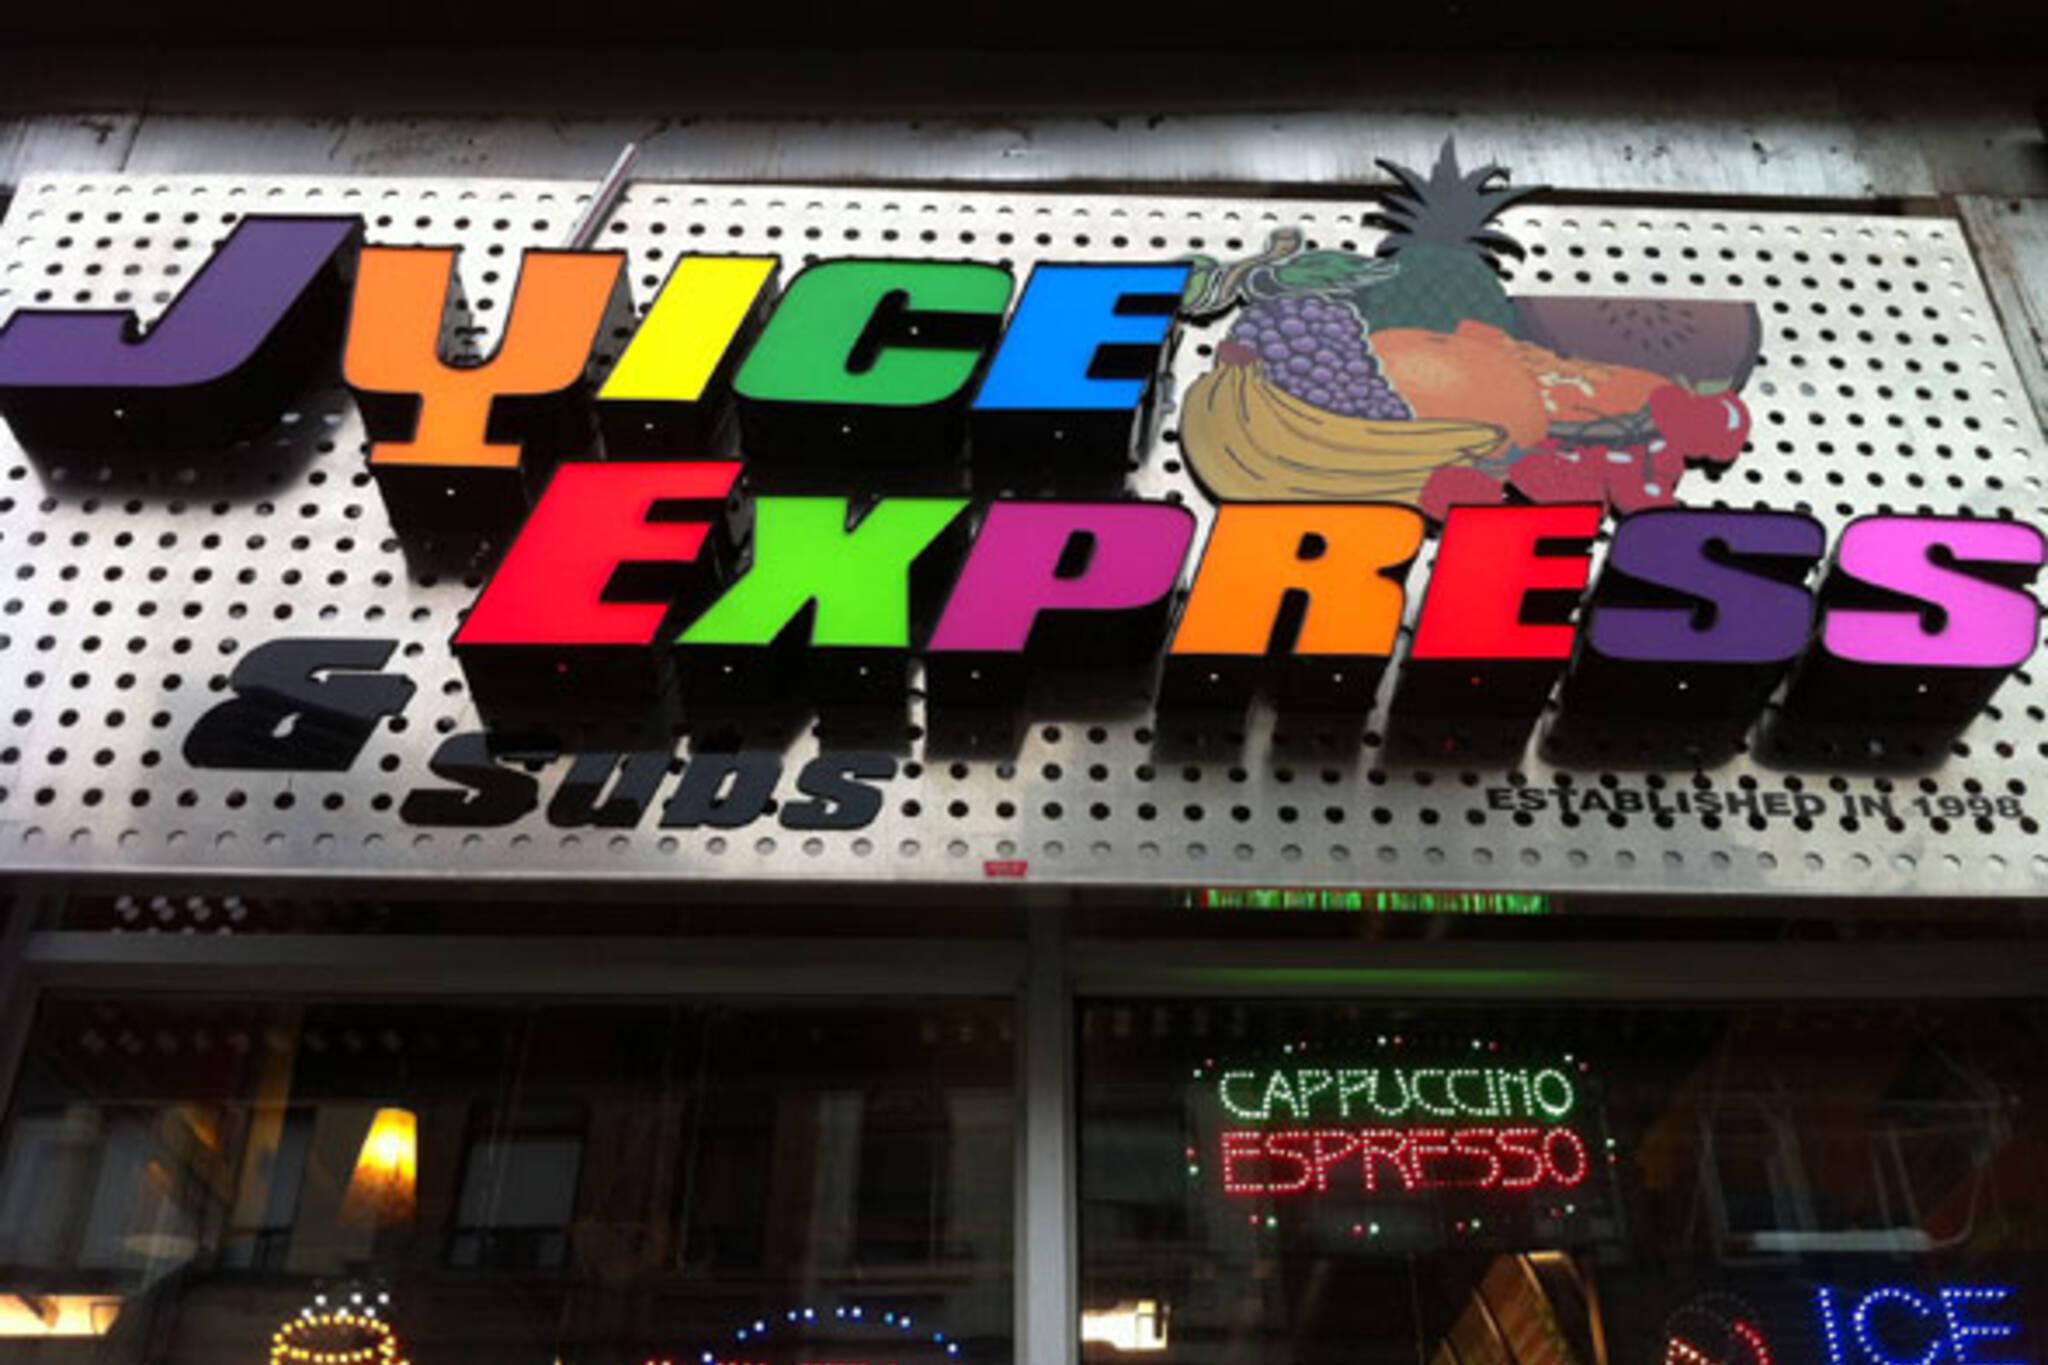 Juice Express